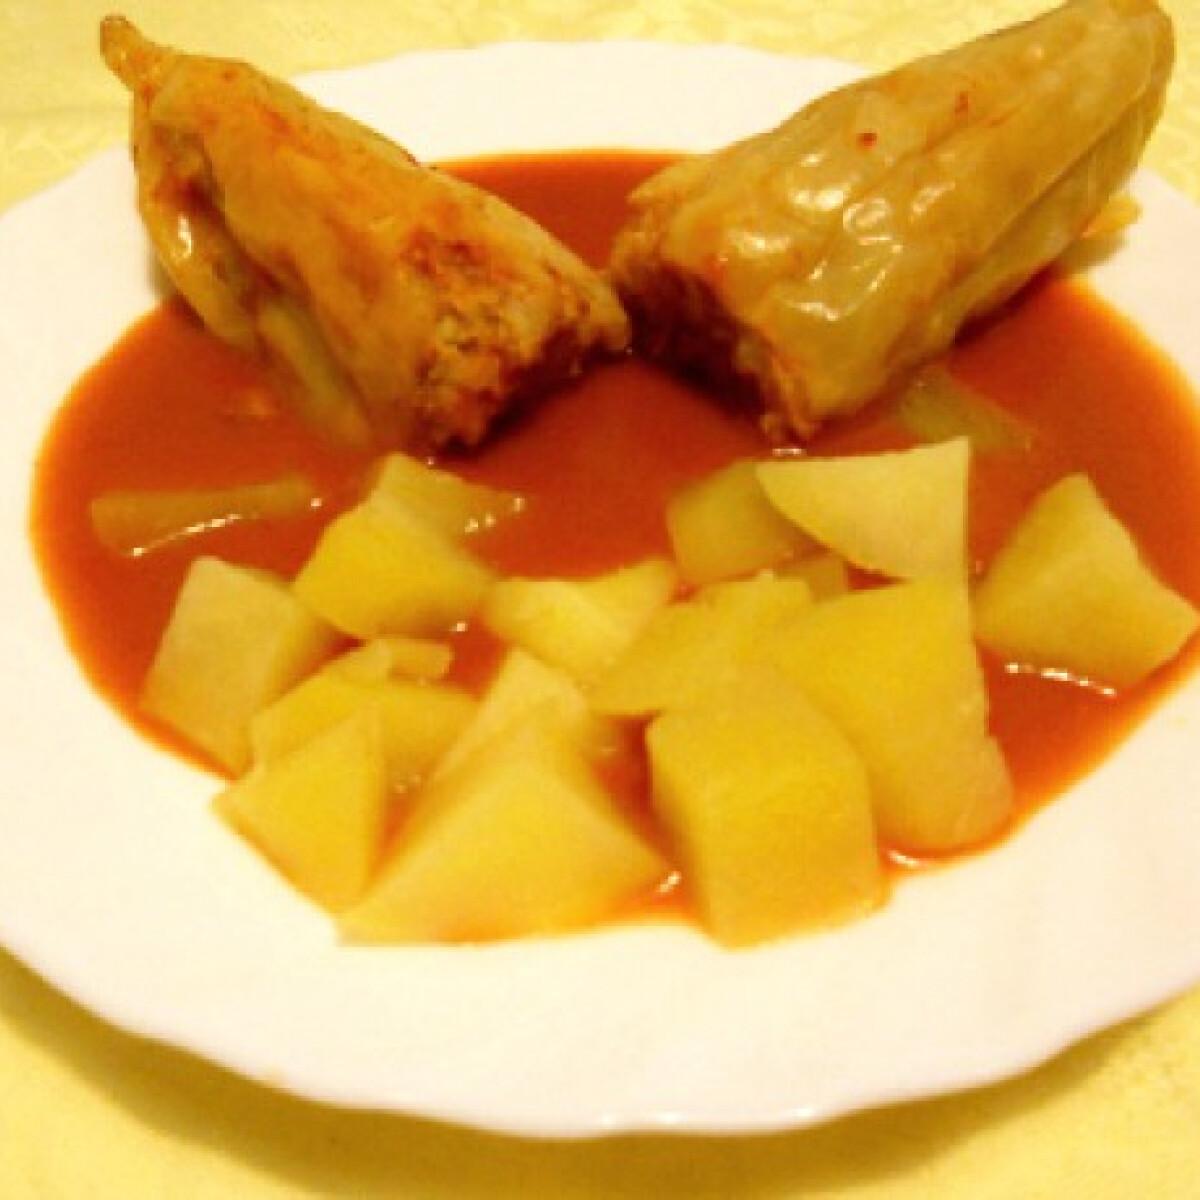 Ezen a képen: Töltött paprika Tomatotree konyhájából